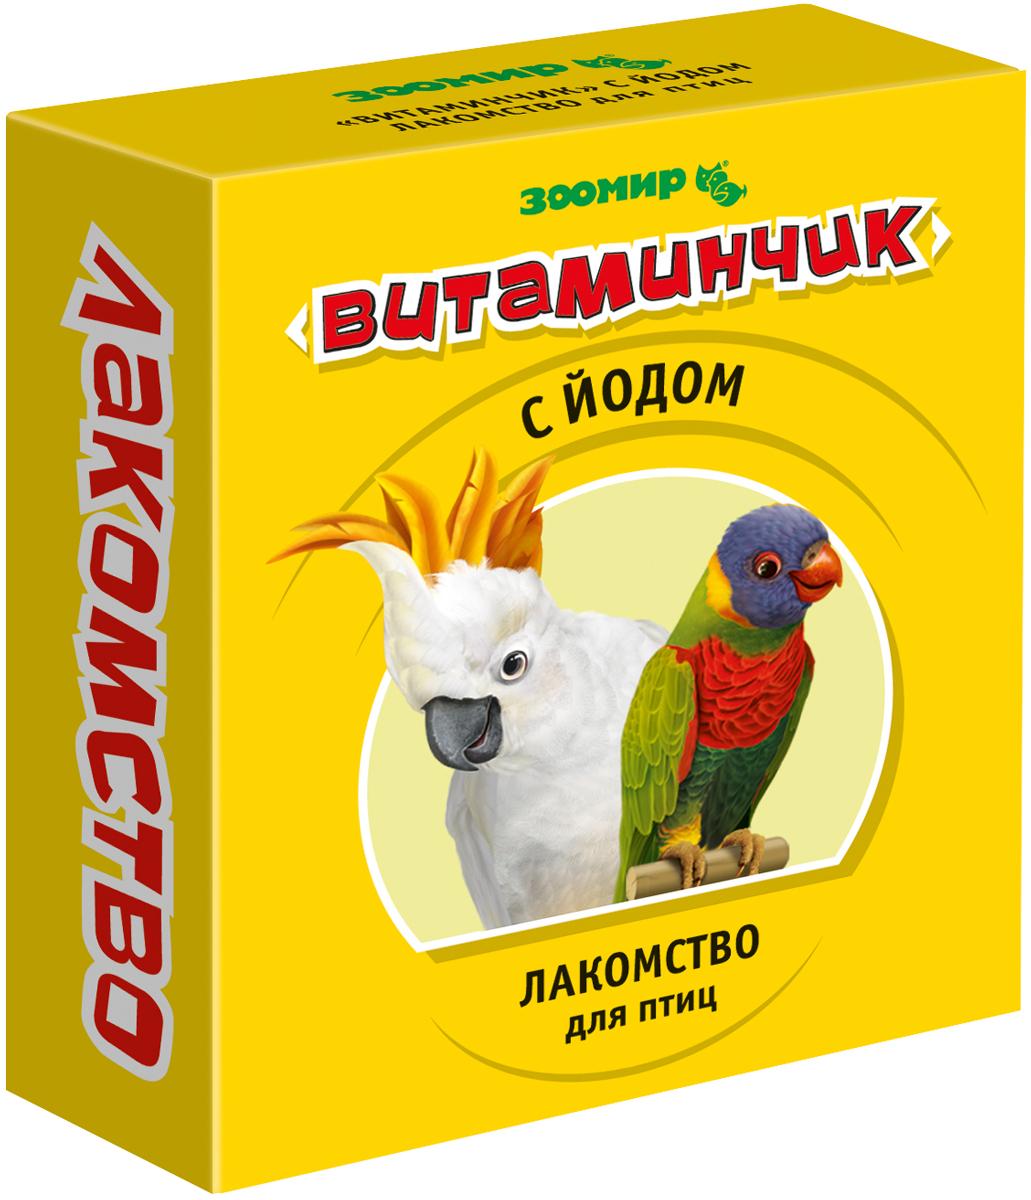 зоомир витаминчик лакомство для птиц с йодом 50 гр (1 шт)